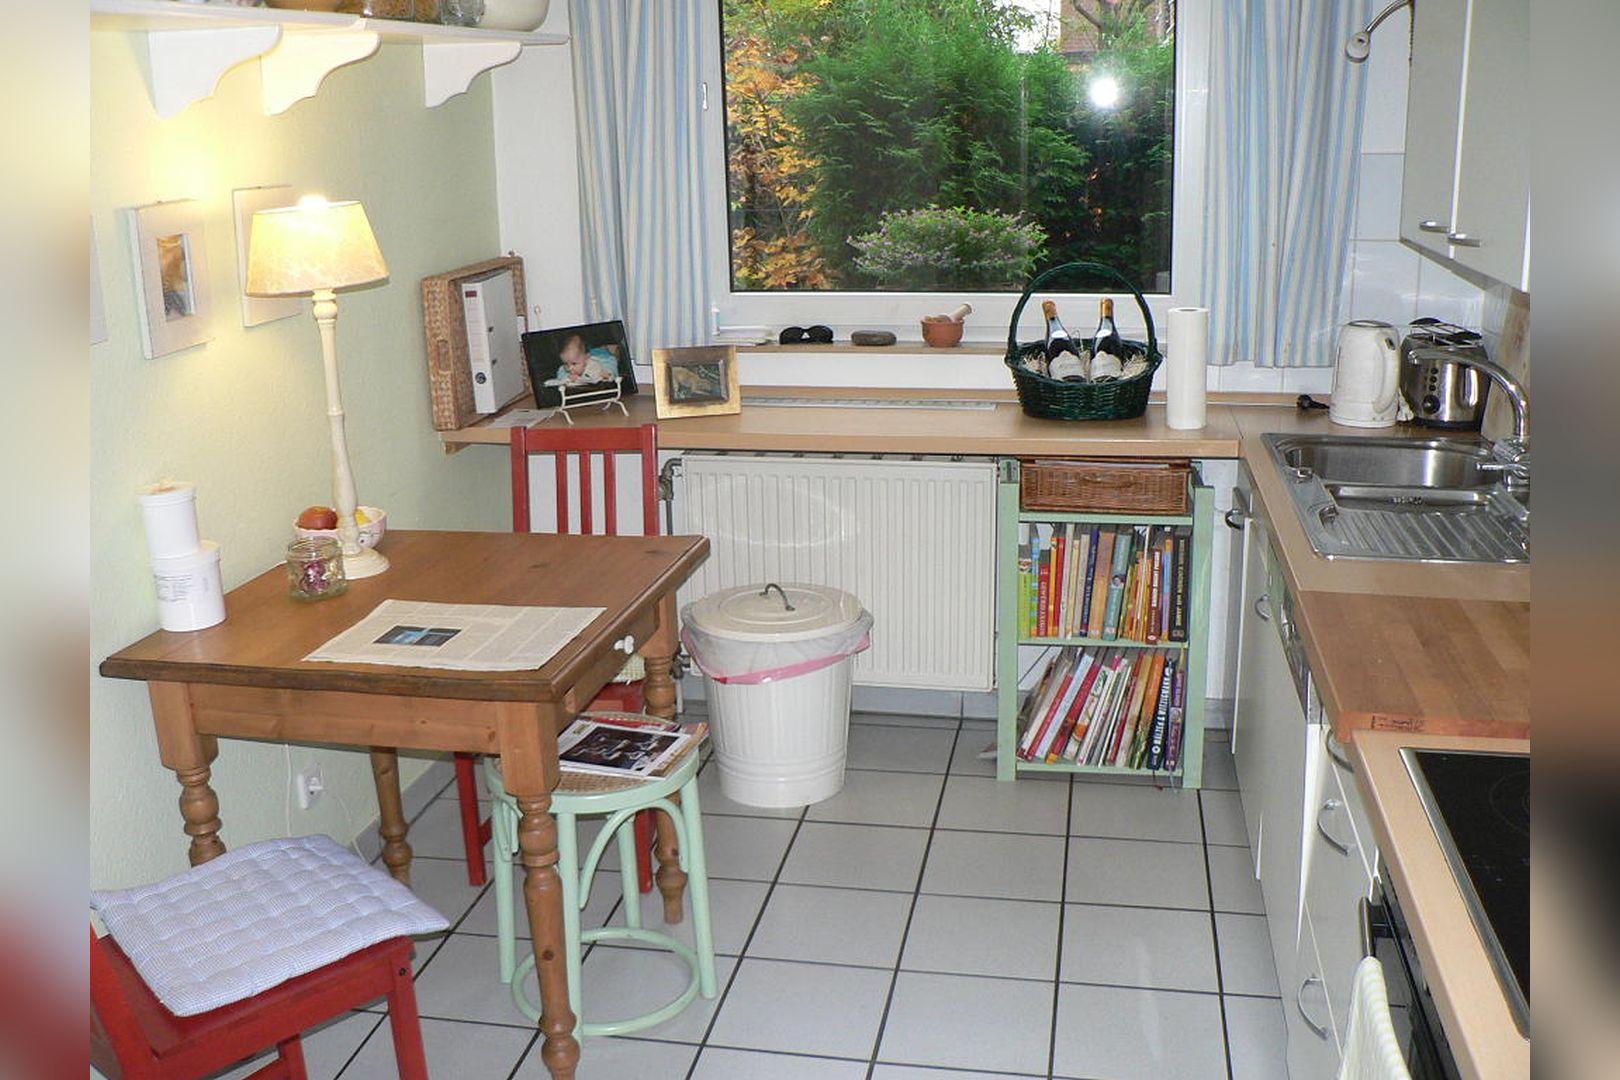 Immobilie Nr.0261 - Reihenmittelhaus mit Garten, Garage u. Stellpl. - Bild 12.jpg